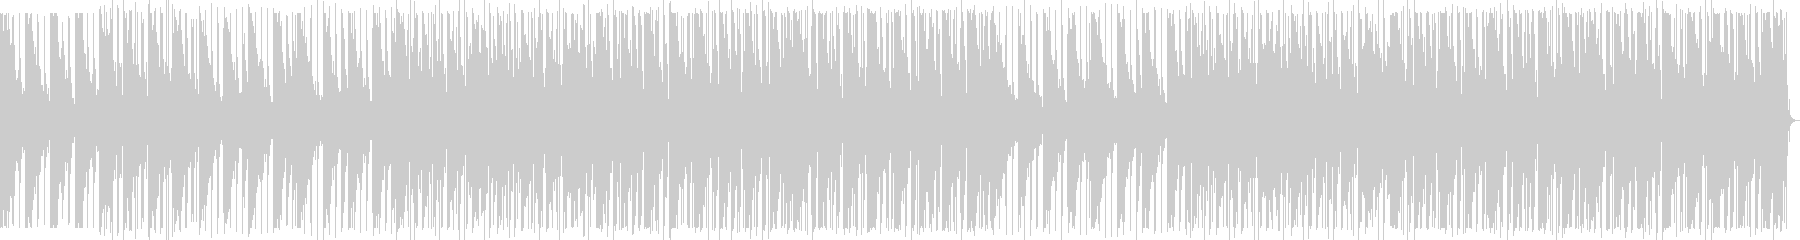 柔らかなR&B_No639_6の未再生の波形